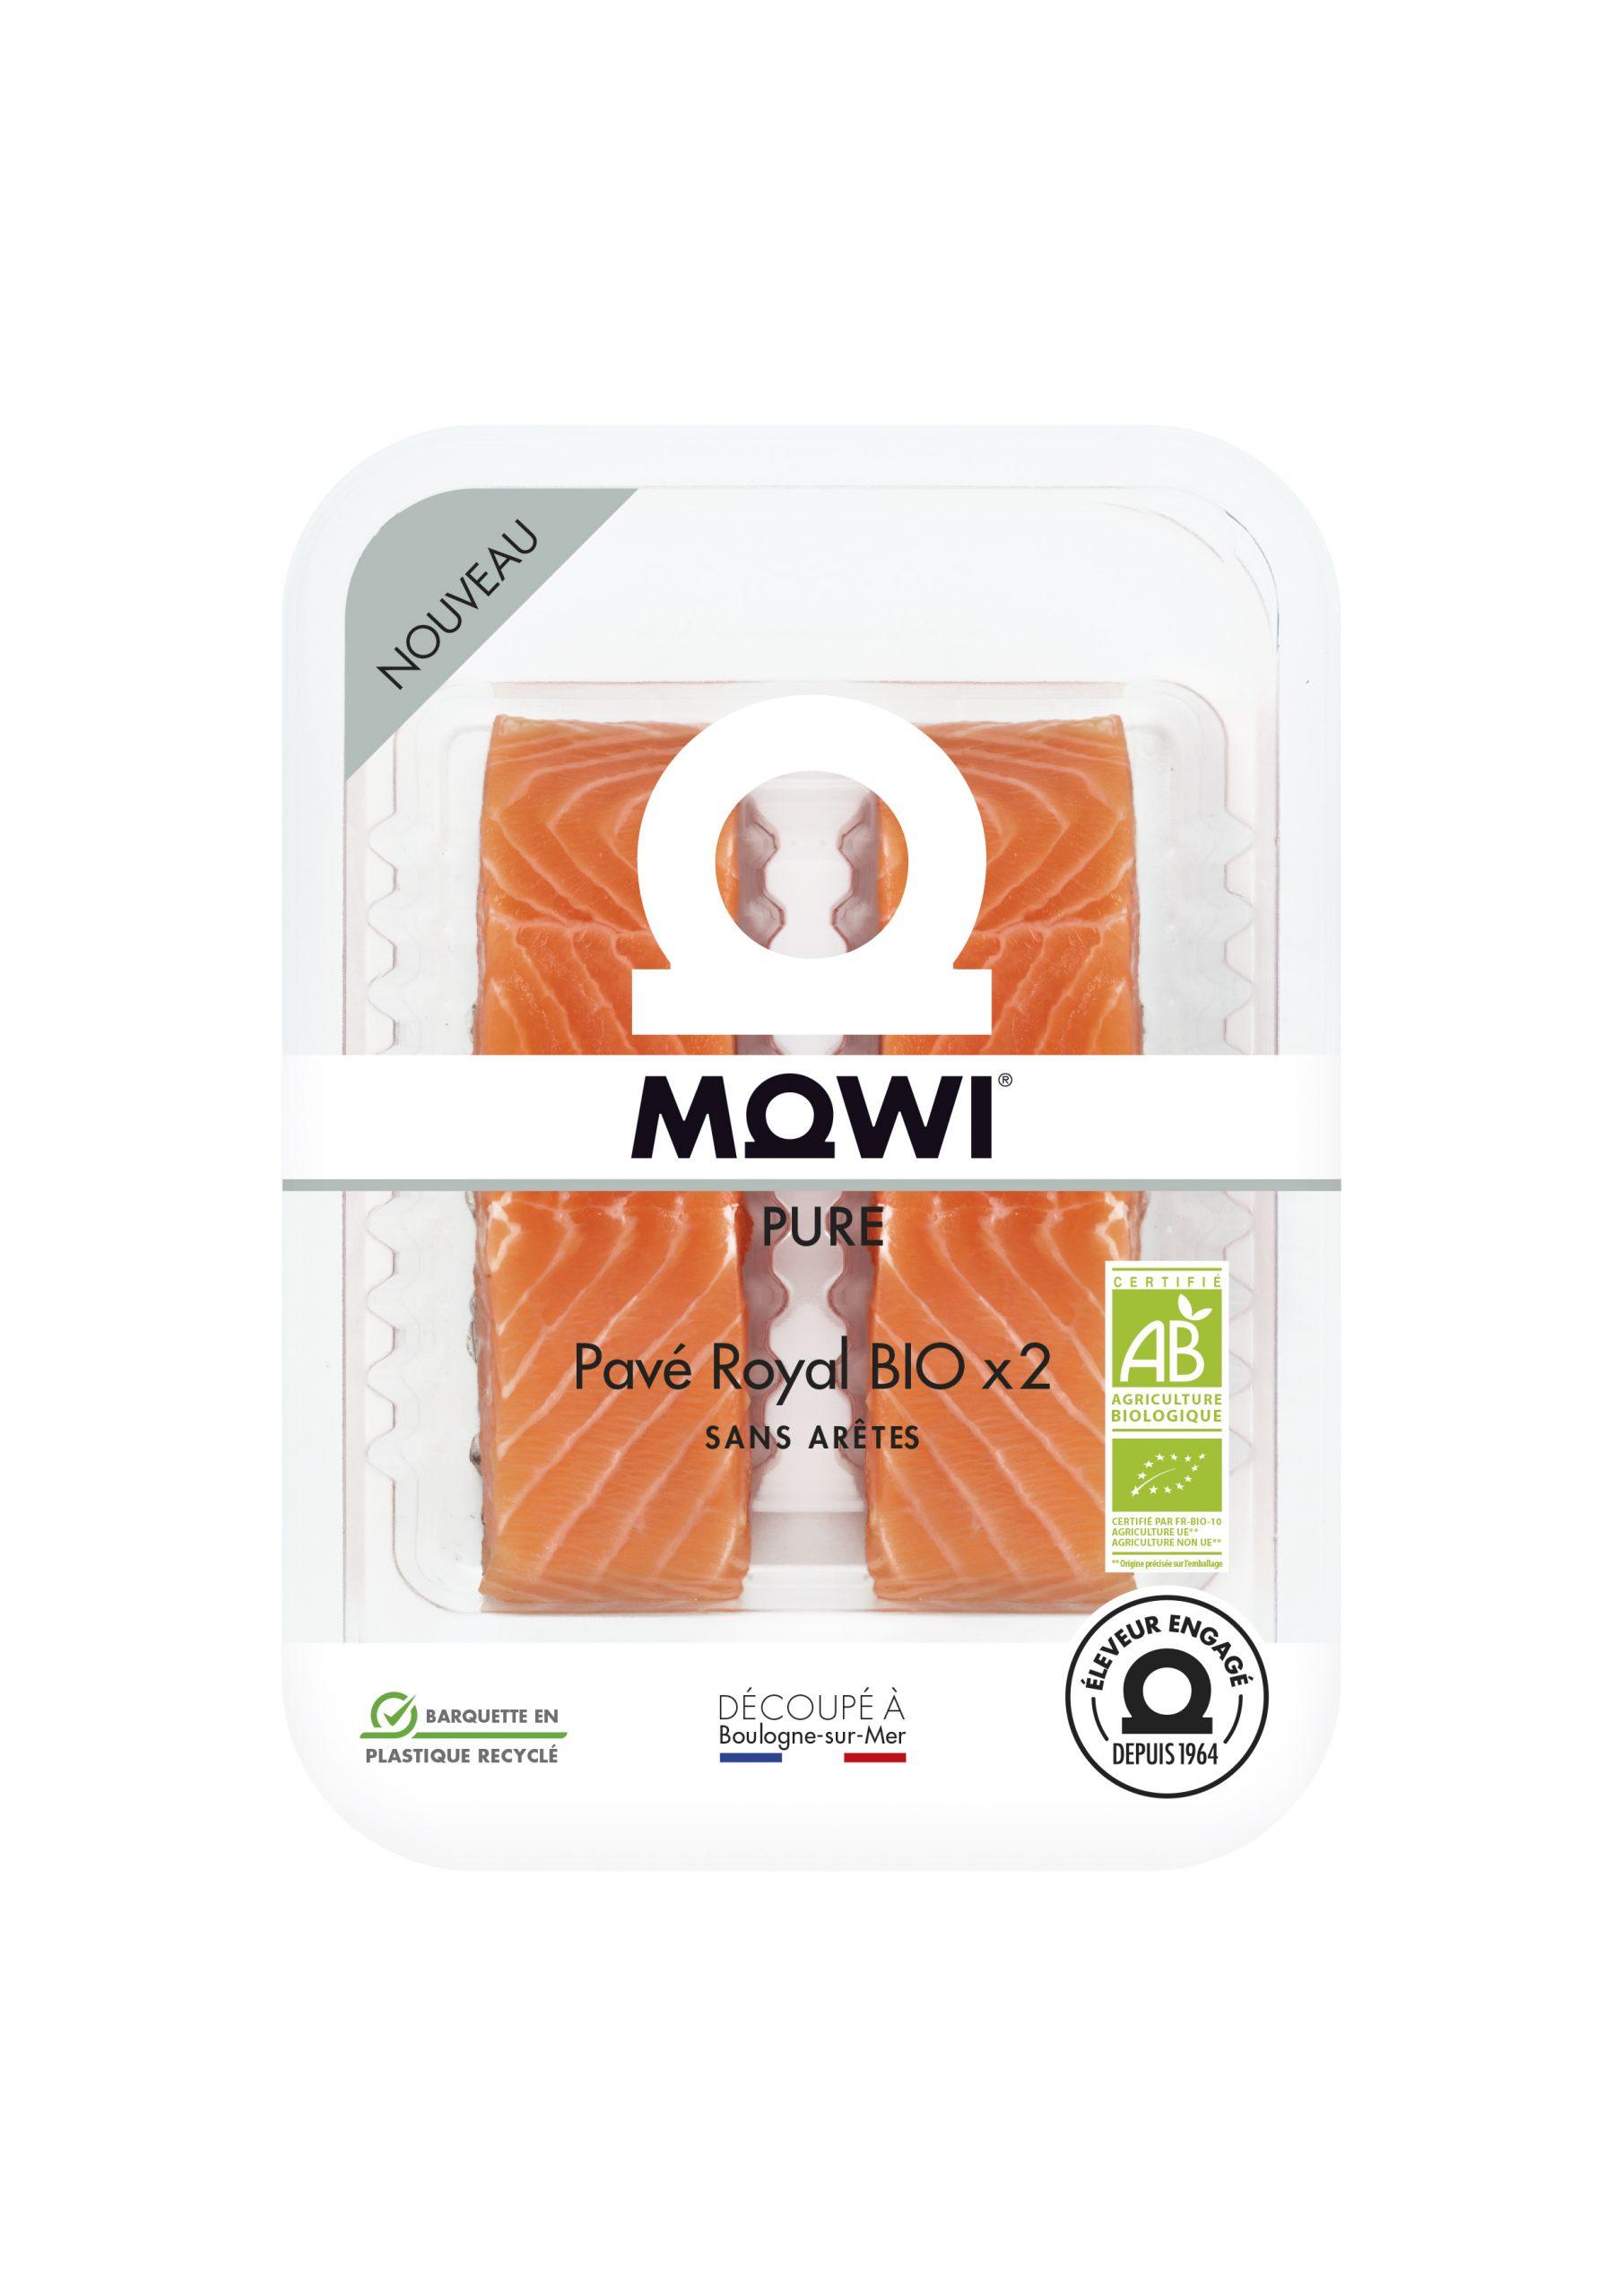 MOWI Pure Pave Royal BIO x2 scaled - Des nouvelles références Mowi s'invitent à table !